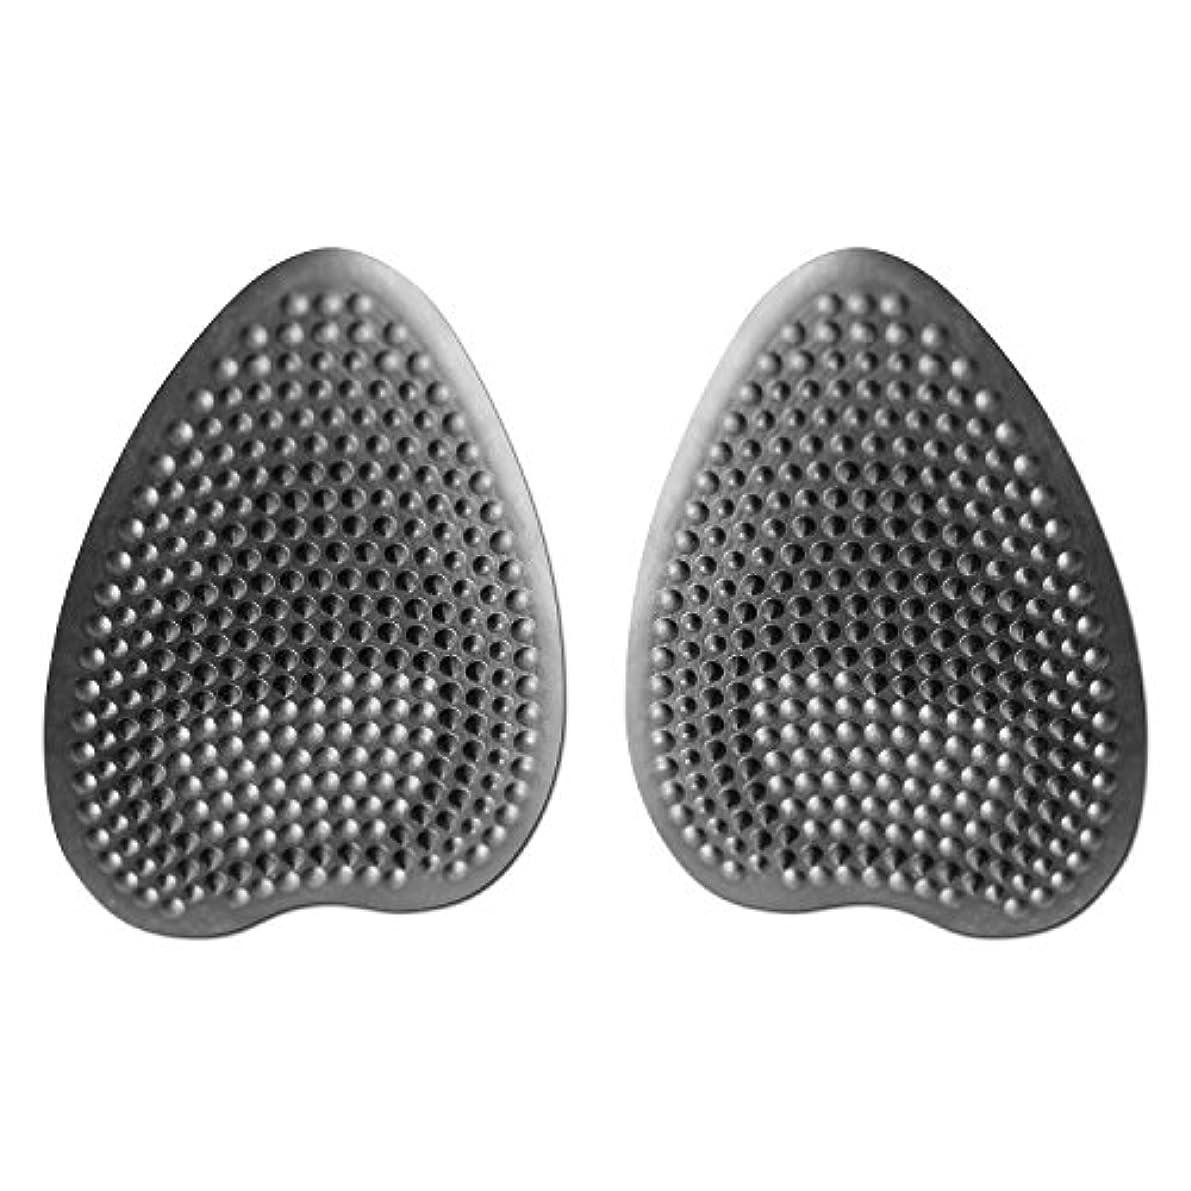 提供する宇宙クラスヘブンリーカーペット レディース(靴底用クッションパッド) ブラック